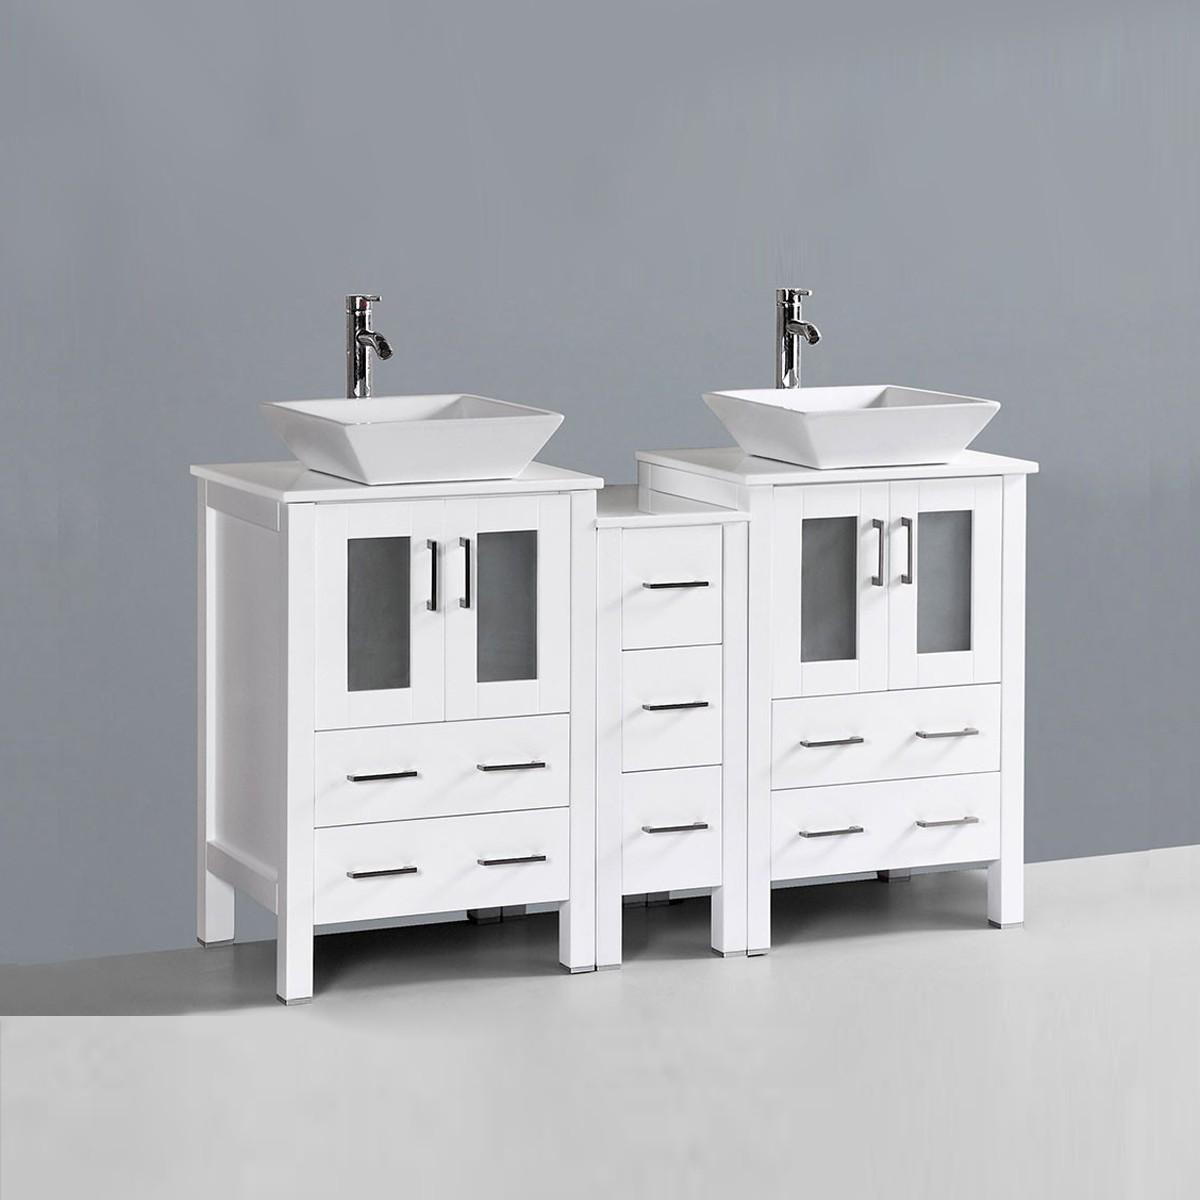 60 In. Freestanding Bathroom Vanity (DK-T9161-60W-V)